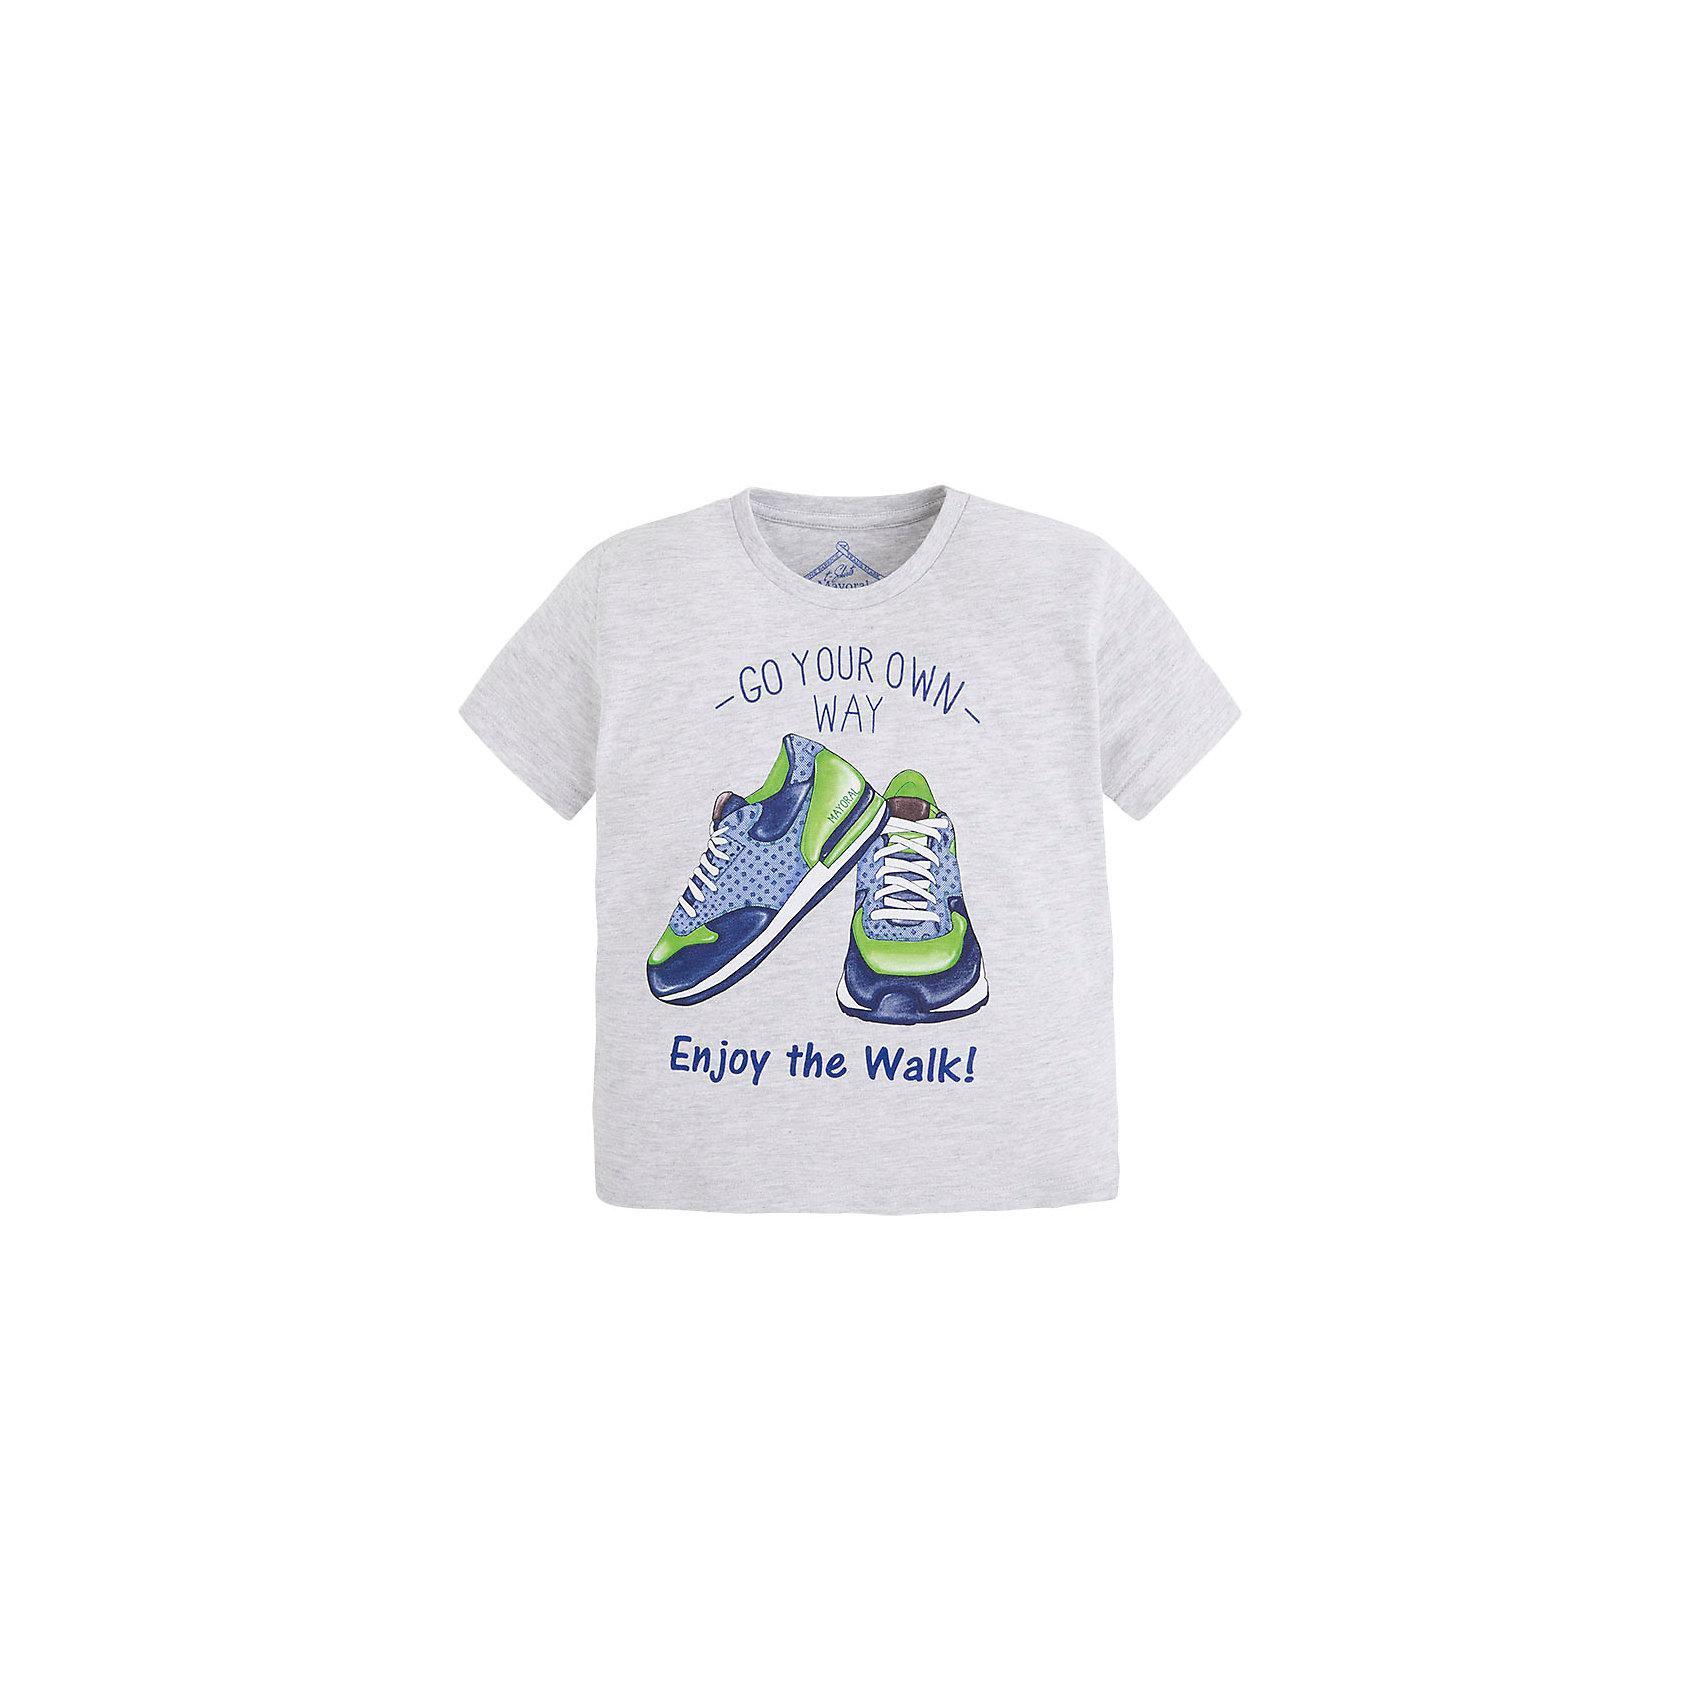 Футболка для мальчика MayoralФутболка для мальчика от известной испанской марки Mayoral <br><br>Стильная футболка от Mayoral - отличный вариант одежды на каждый день! Она прекрасно сочетается с джинсами и шортами.  Модель выполнена из качественных материалов, отлично сидит по фигуре.<br><br>Особенности модели:<br><br>- цвет: серый;<br>- рукава короткие;<br>- украшена принтом;<br>- окантовка ворота.<br><br>Дополнительная информация:<br><br>Состав: 65% полиэстер, 35% хлопок<br><br>Футболку для мальчика Mayoral (Майорал) можно купить в нашем магазине.<br><br>Ширина мм: 199<br>Глубина мм: 10<br>Высота мм: 161<br>Вес г: 151<br>Цвет: белый<br>Возраст от месяцев: 84<br>Возраст до месяцев: 96<br>Пол: Мужской<br>Возраст: Детский<br>Размер: 98,104,110,116,128,134,122<br>SKU: 4541355